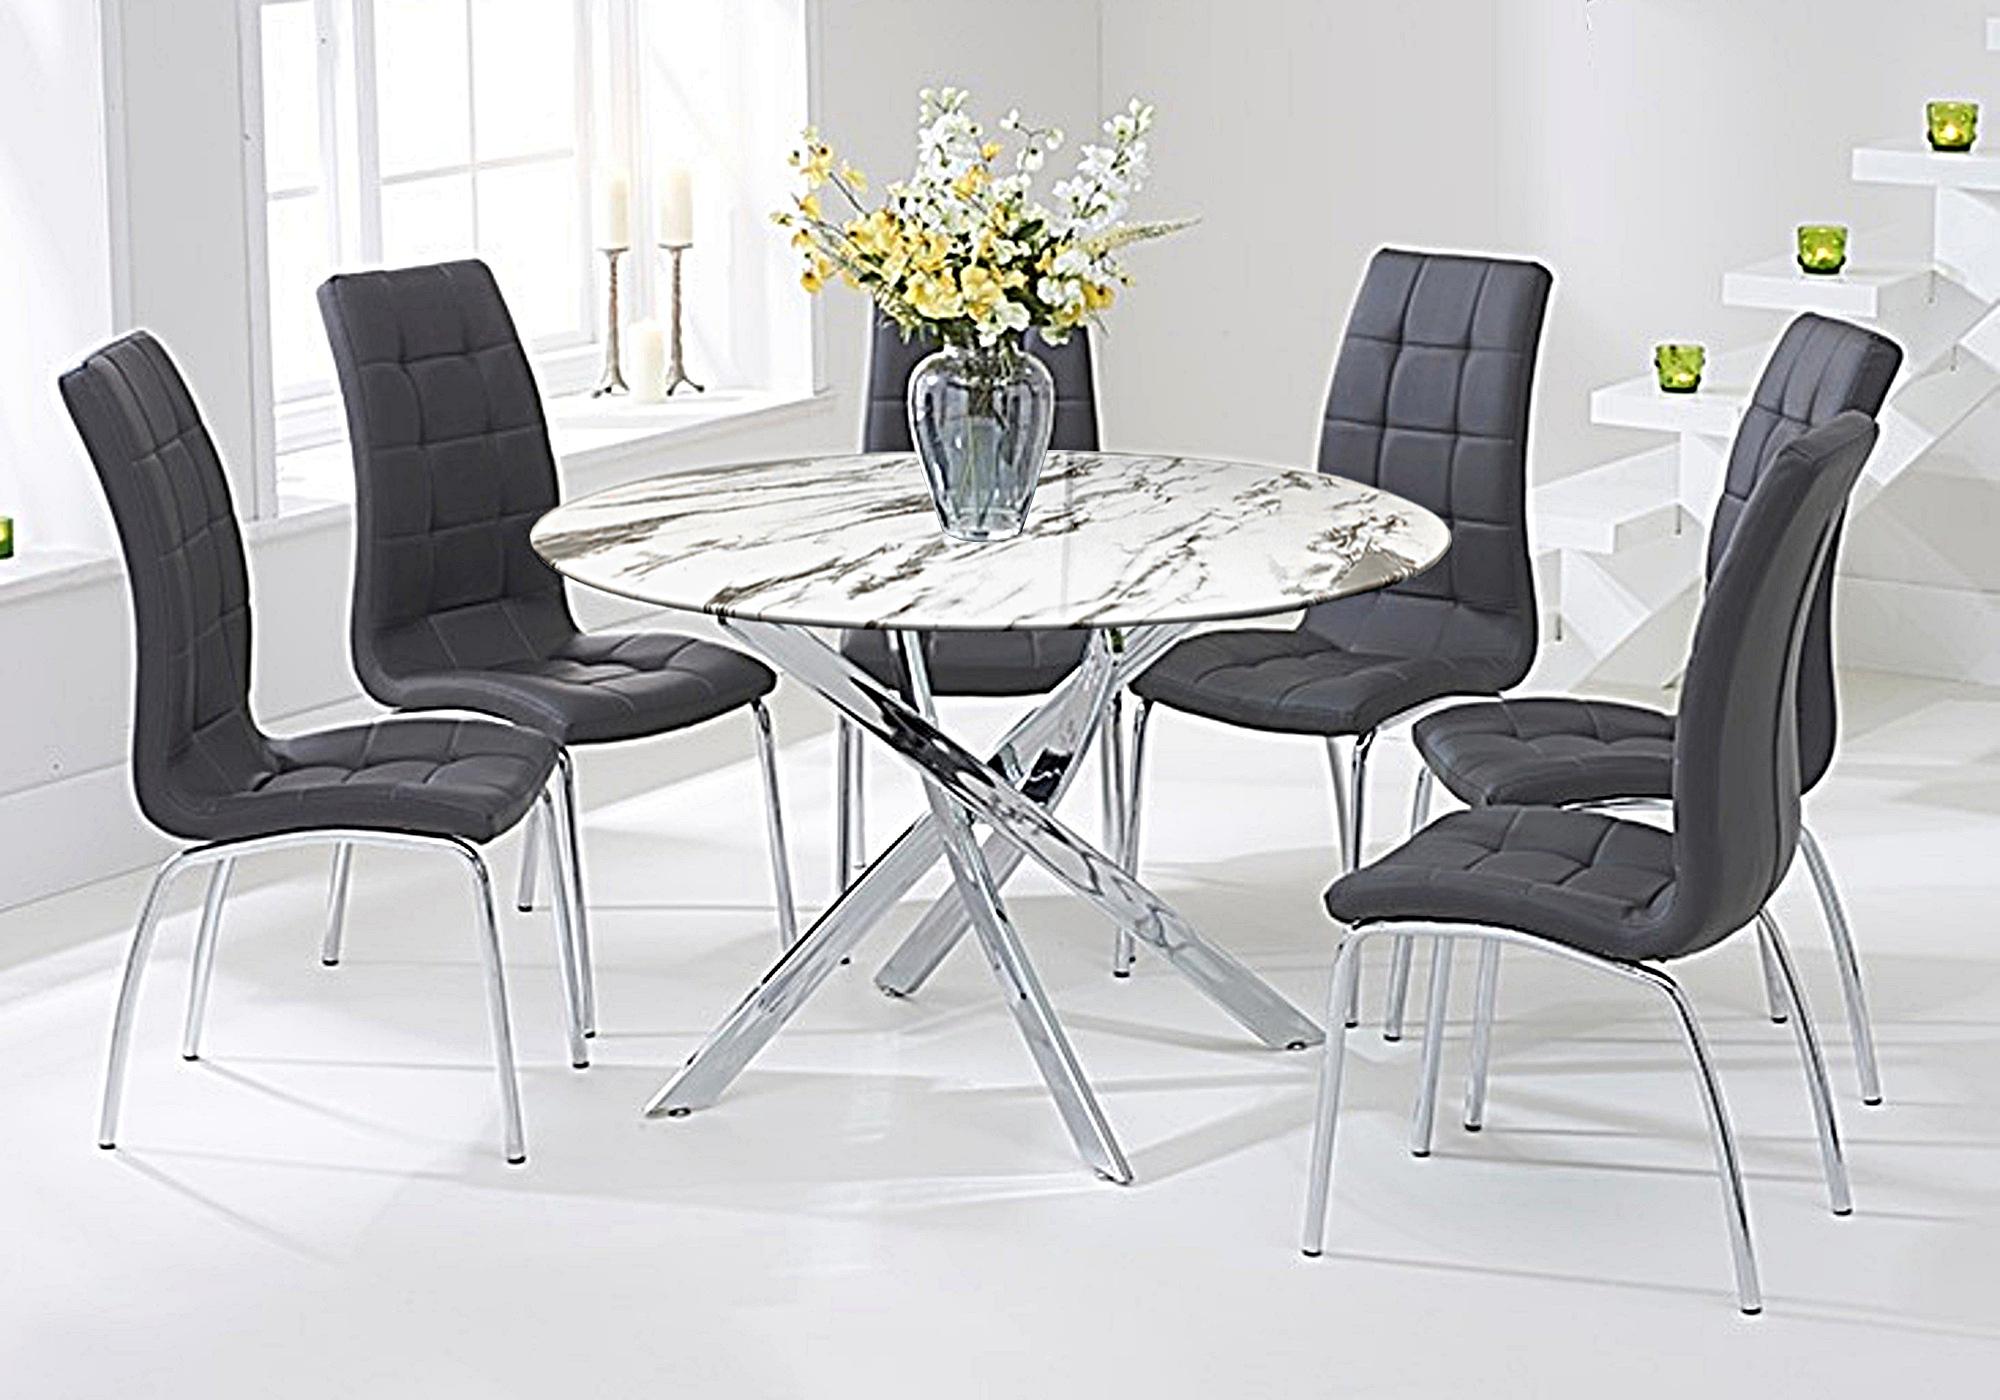 Table marbre blanc 6 chaises grises DESIGN